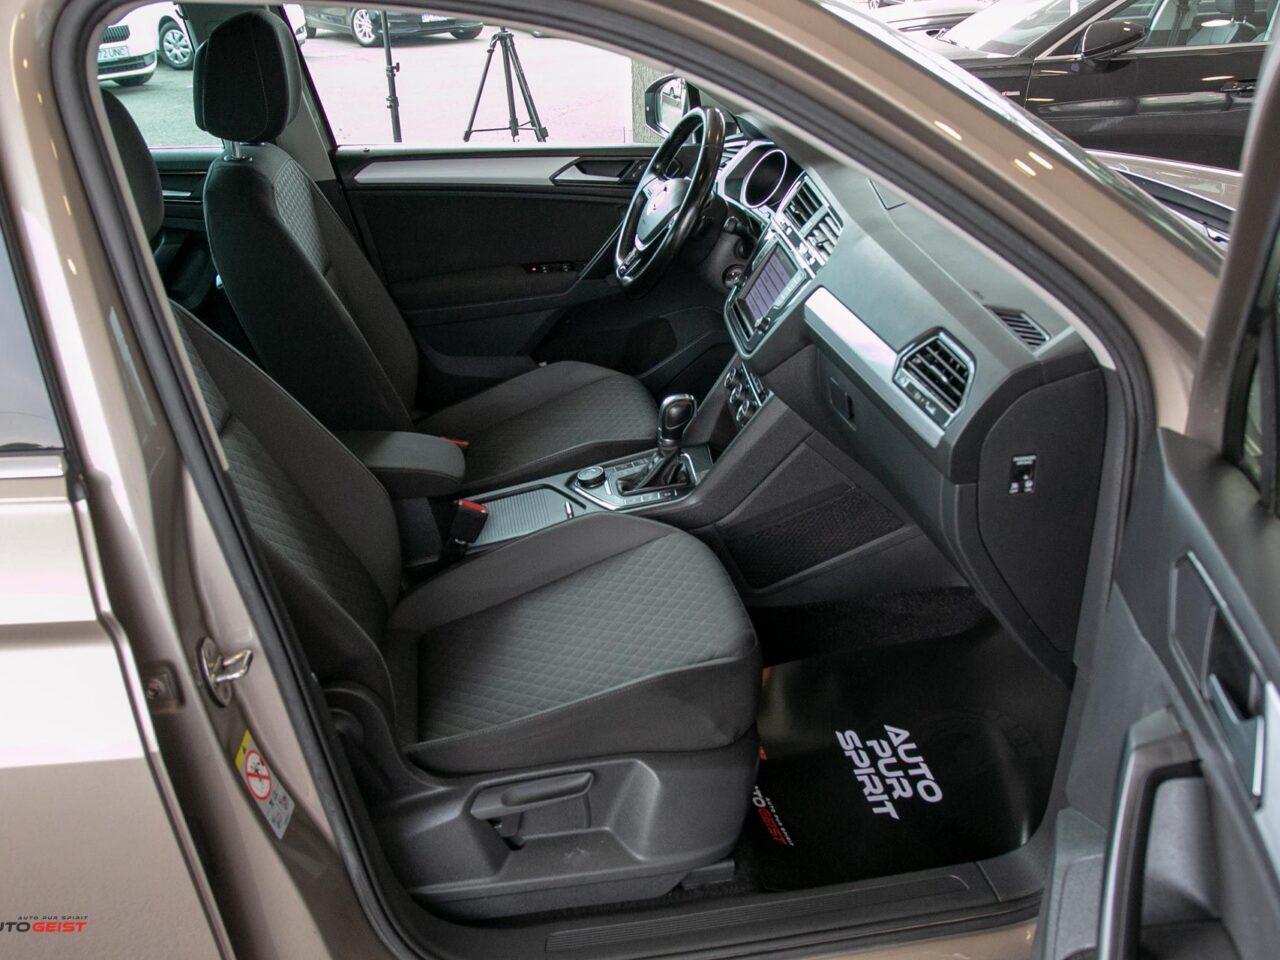 VW-Tiguan-0002